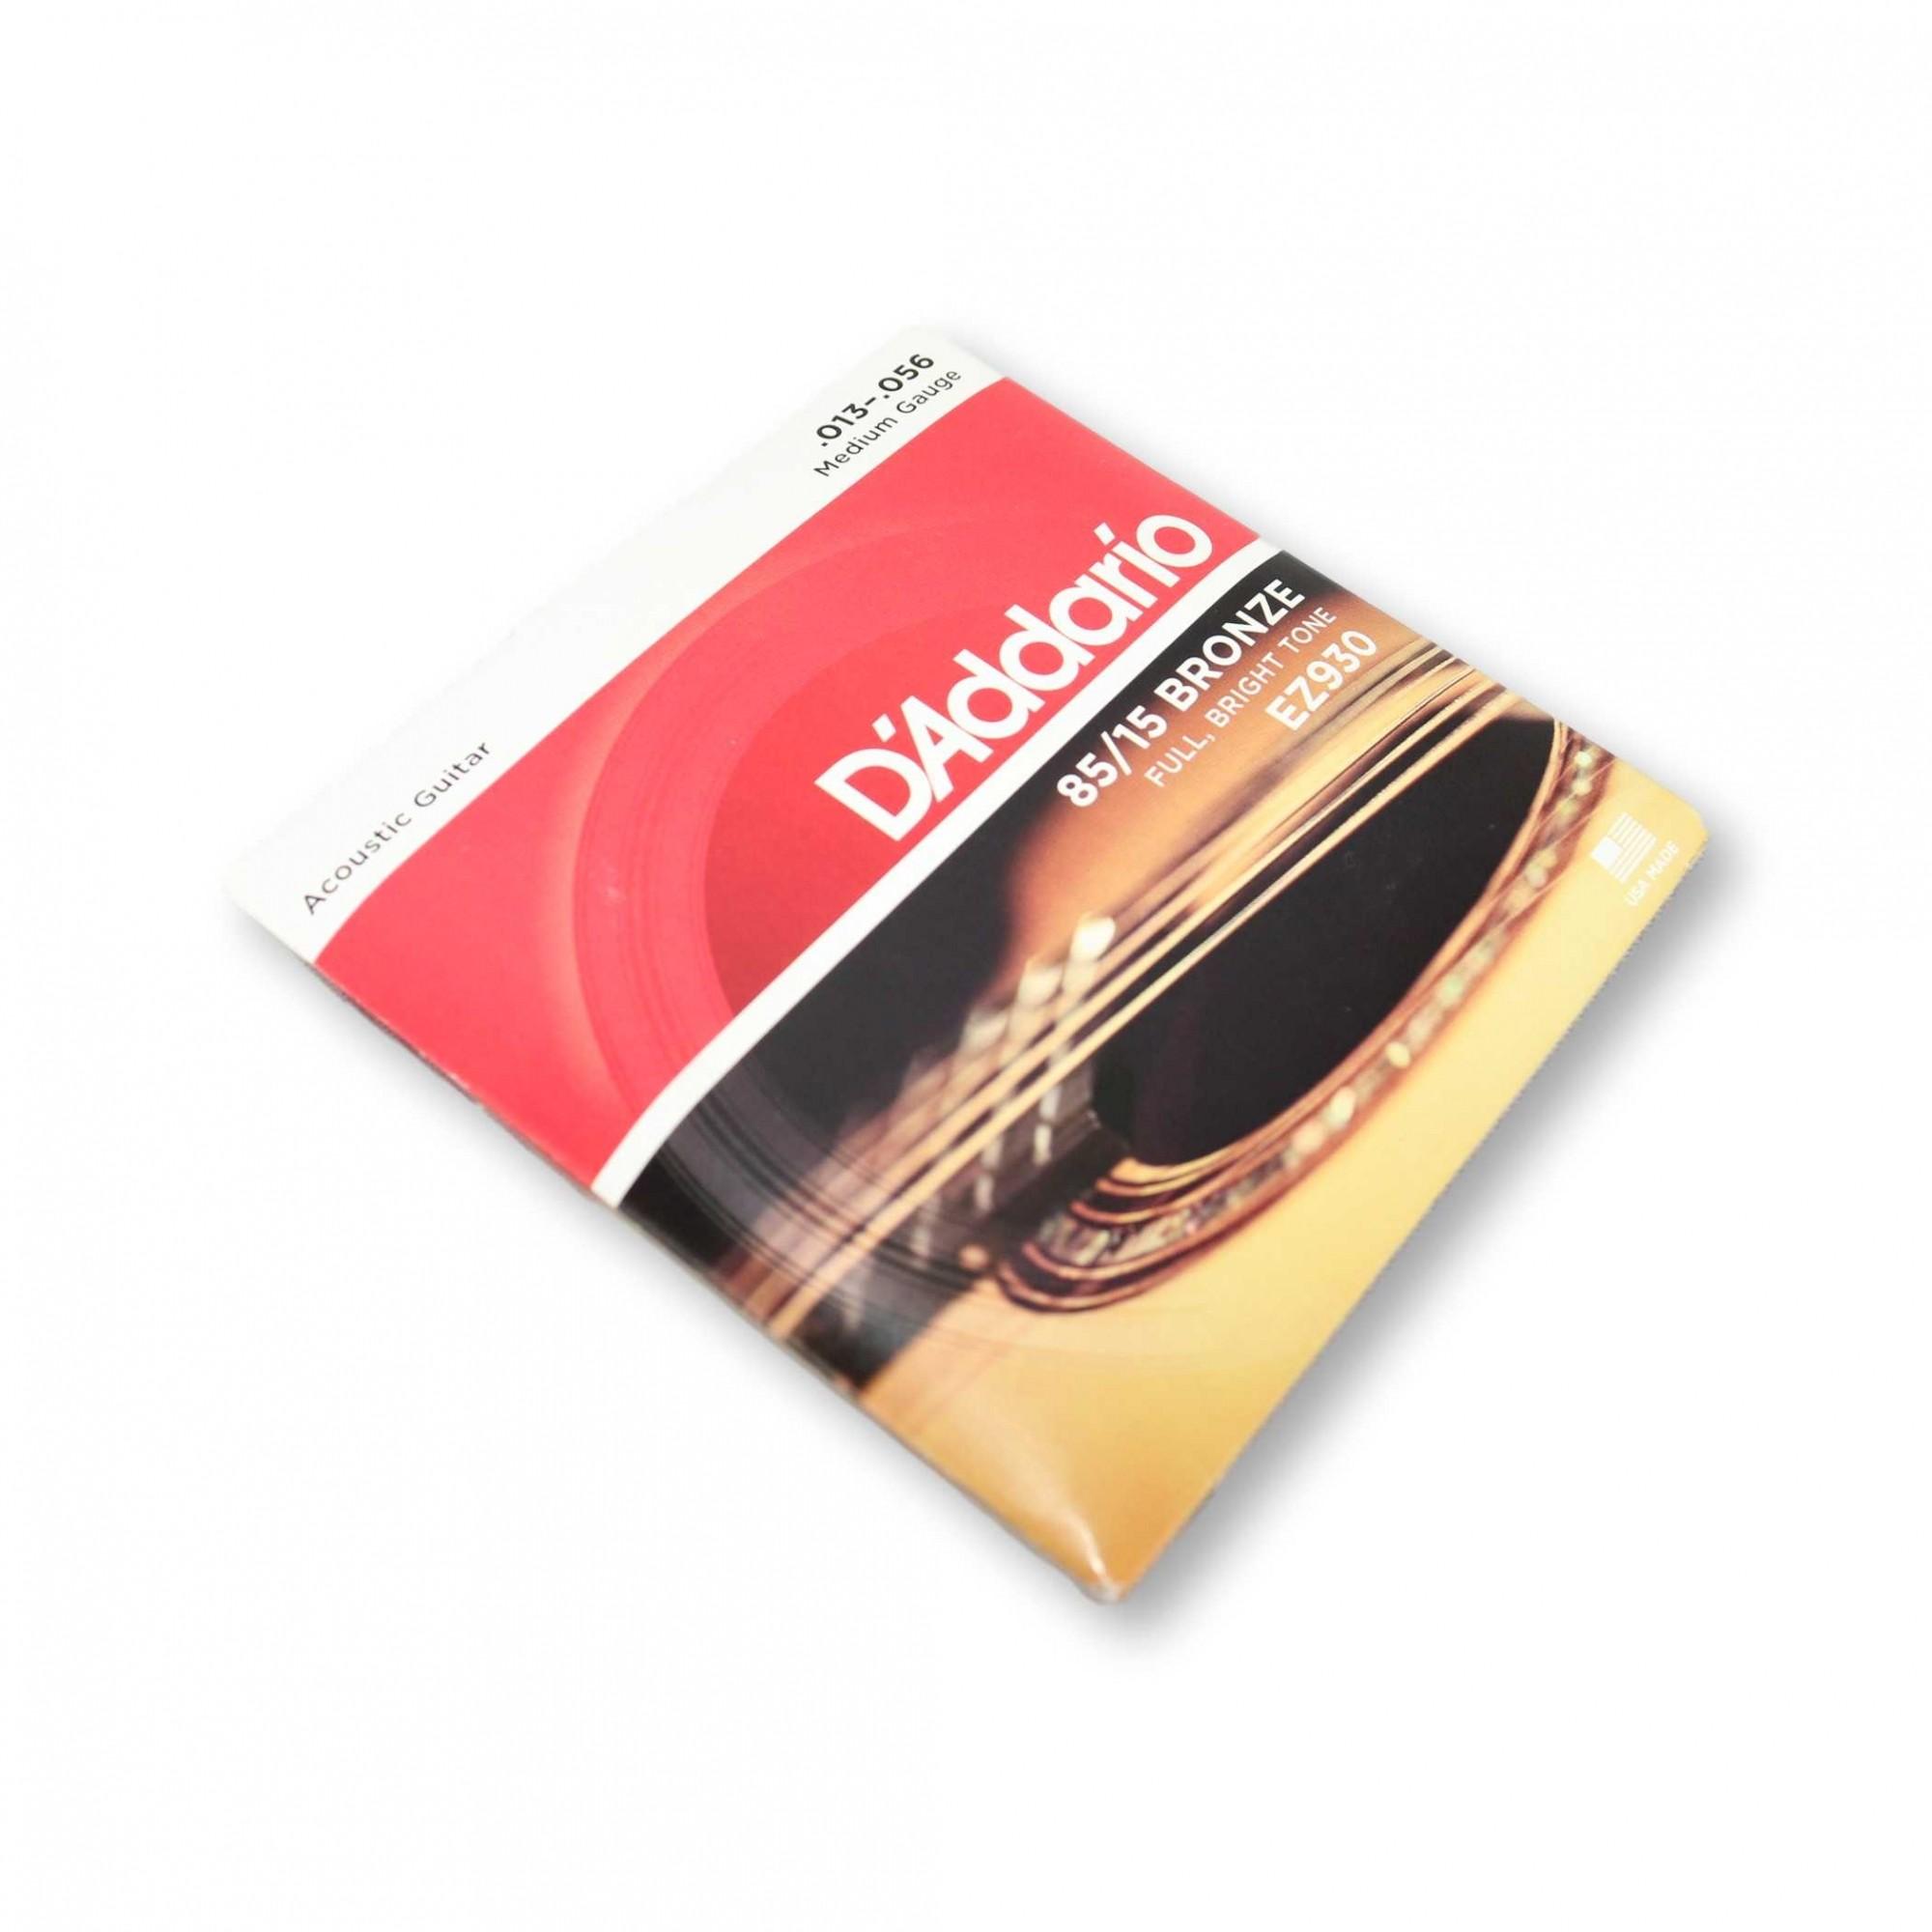 Encordoamento Violão Aço Daddario 013 EZ930